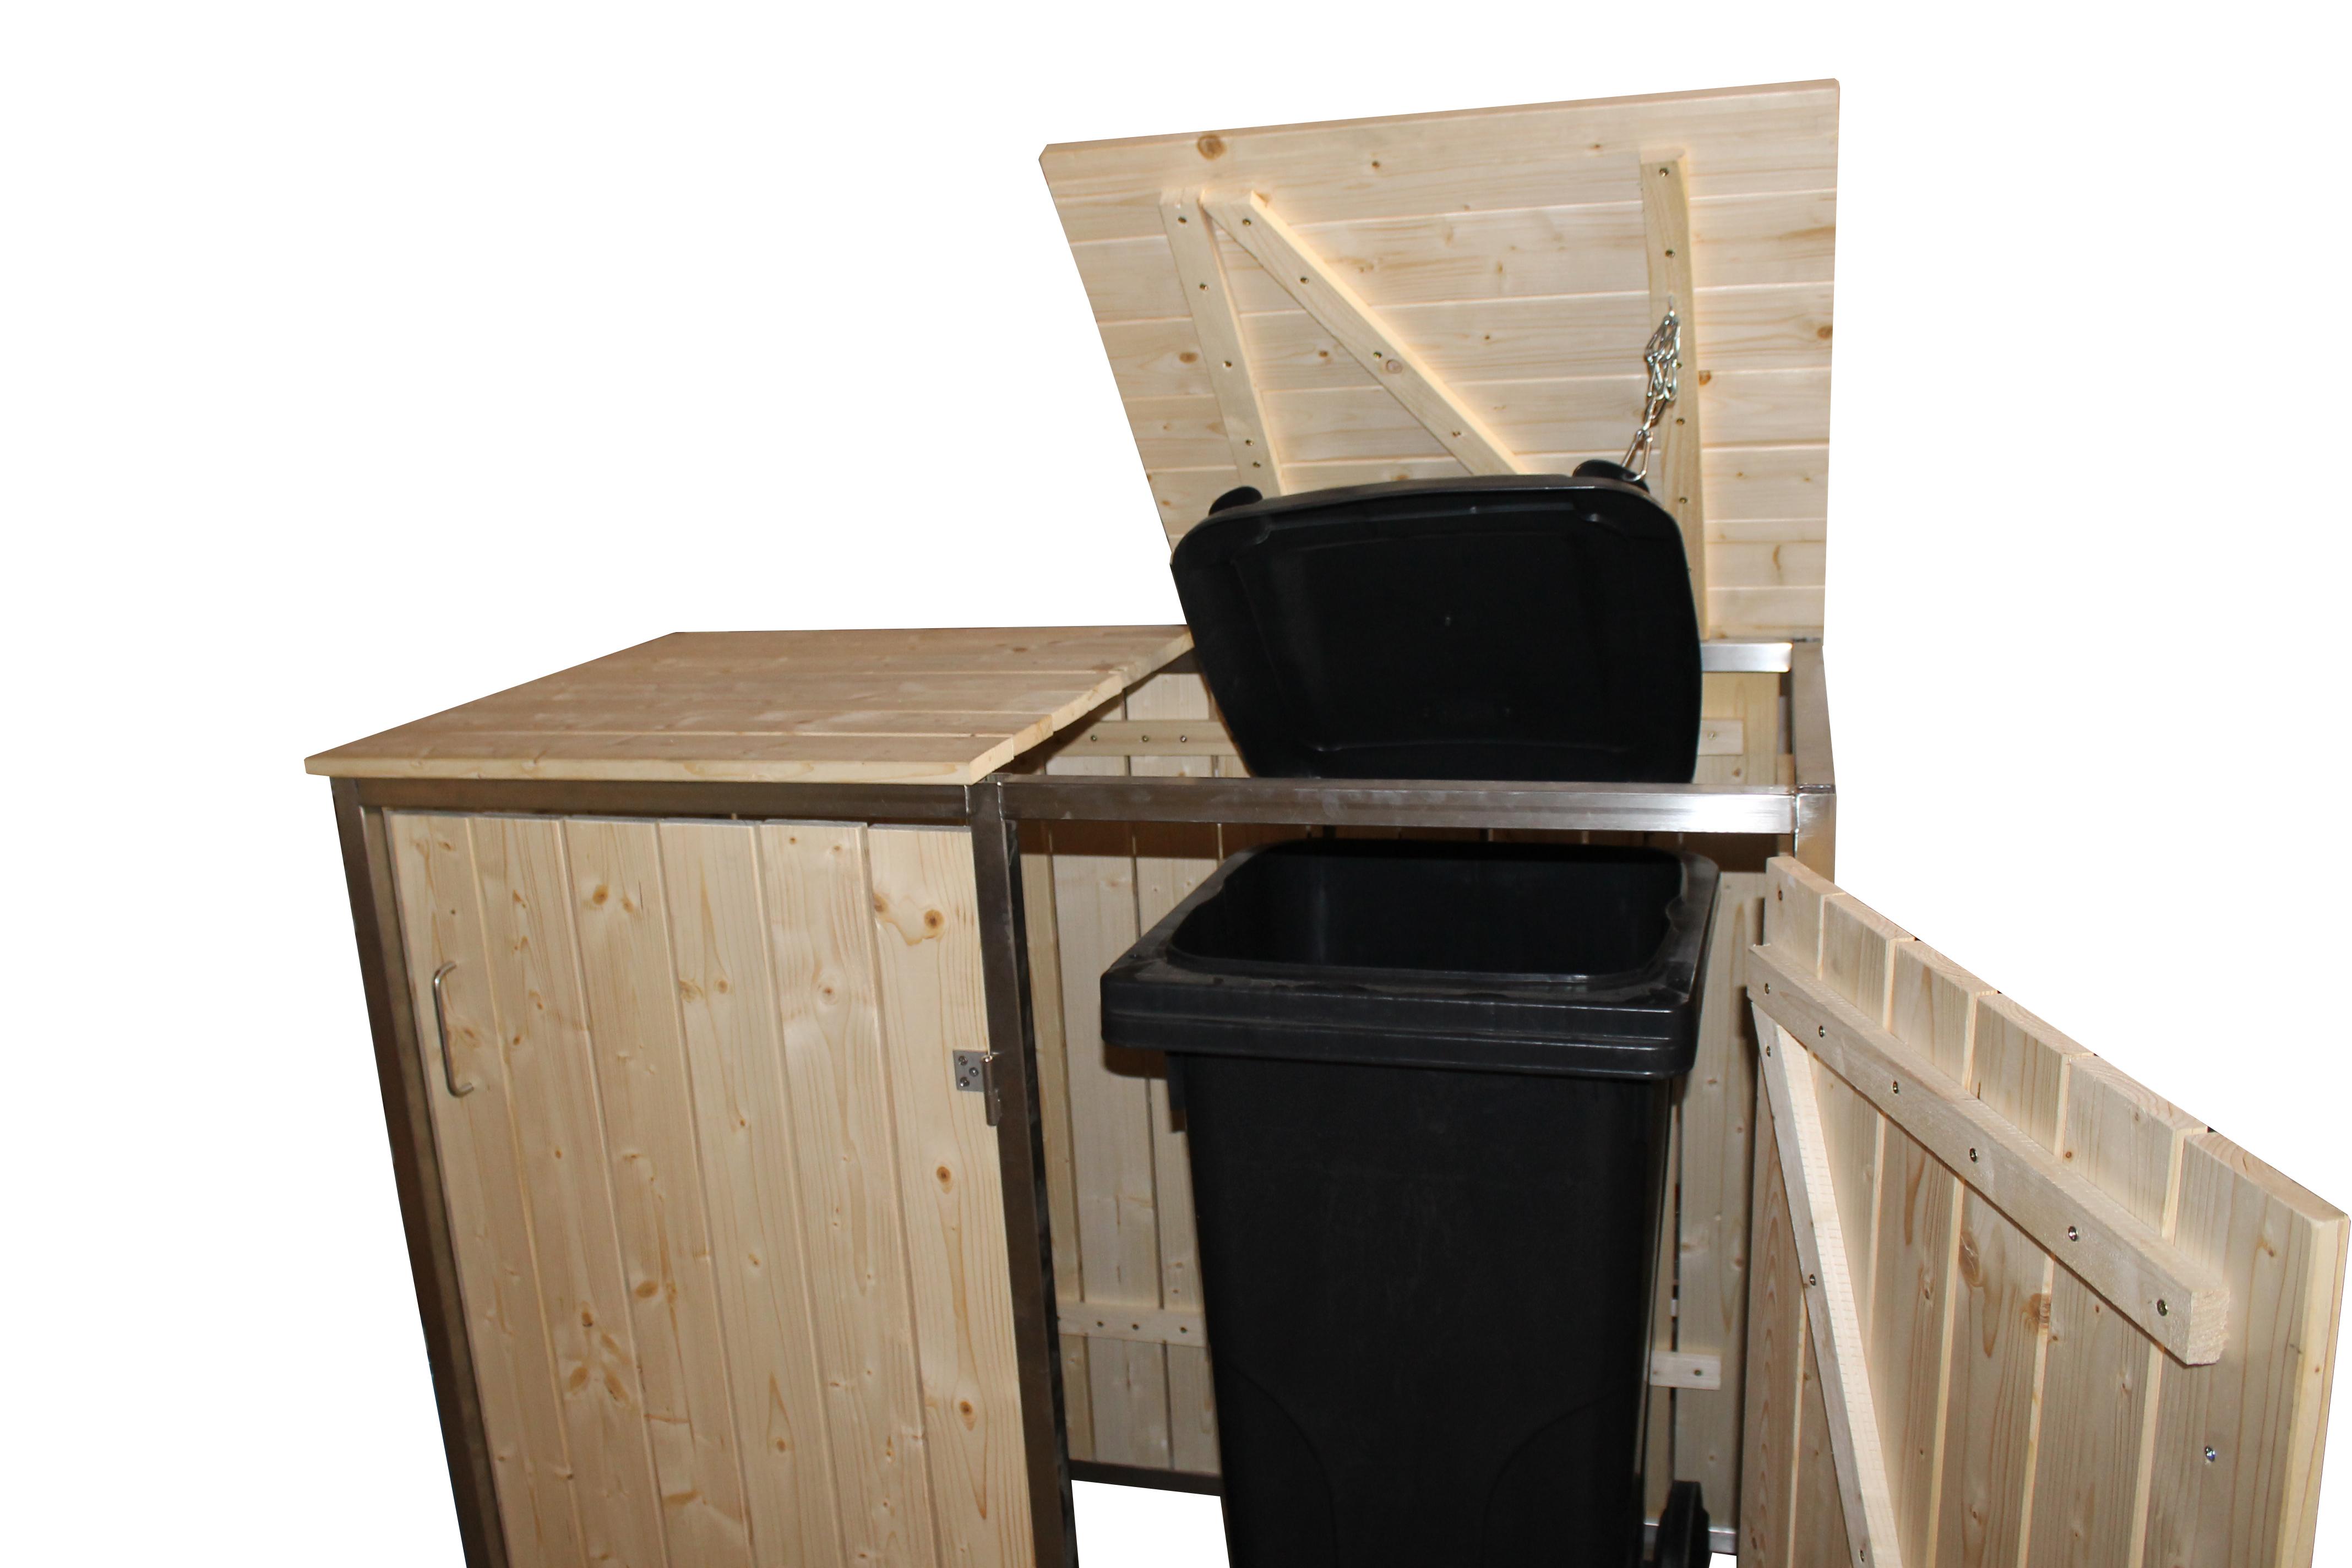 mülltonnenbox mülltonnenhaus aus edelstahl und holz 2x 120 liter